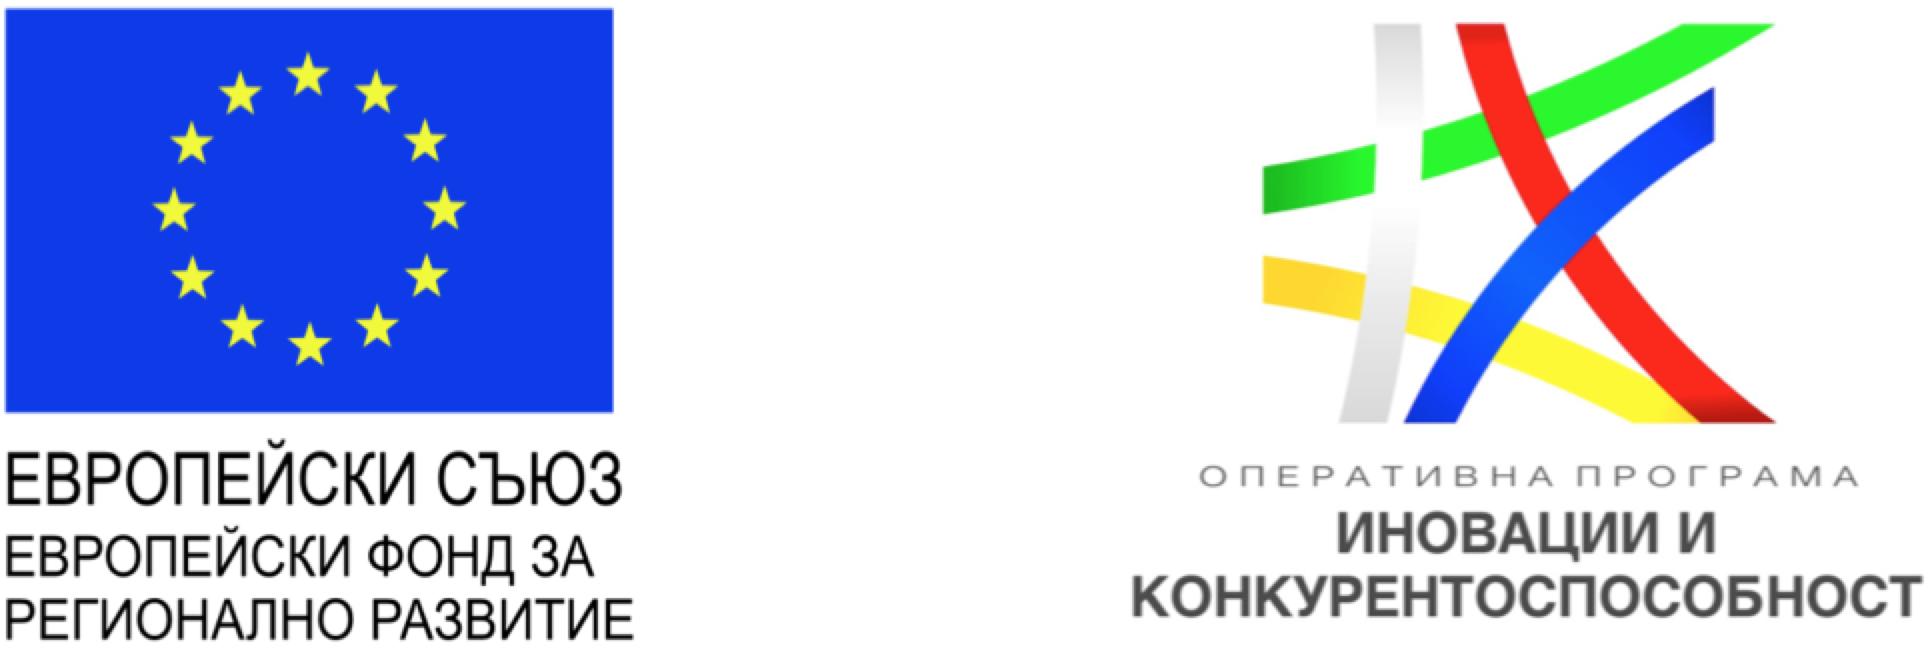 Европейски фонд за регионално развитие - лого